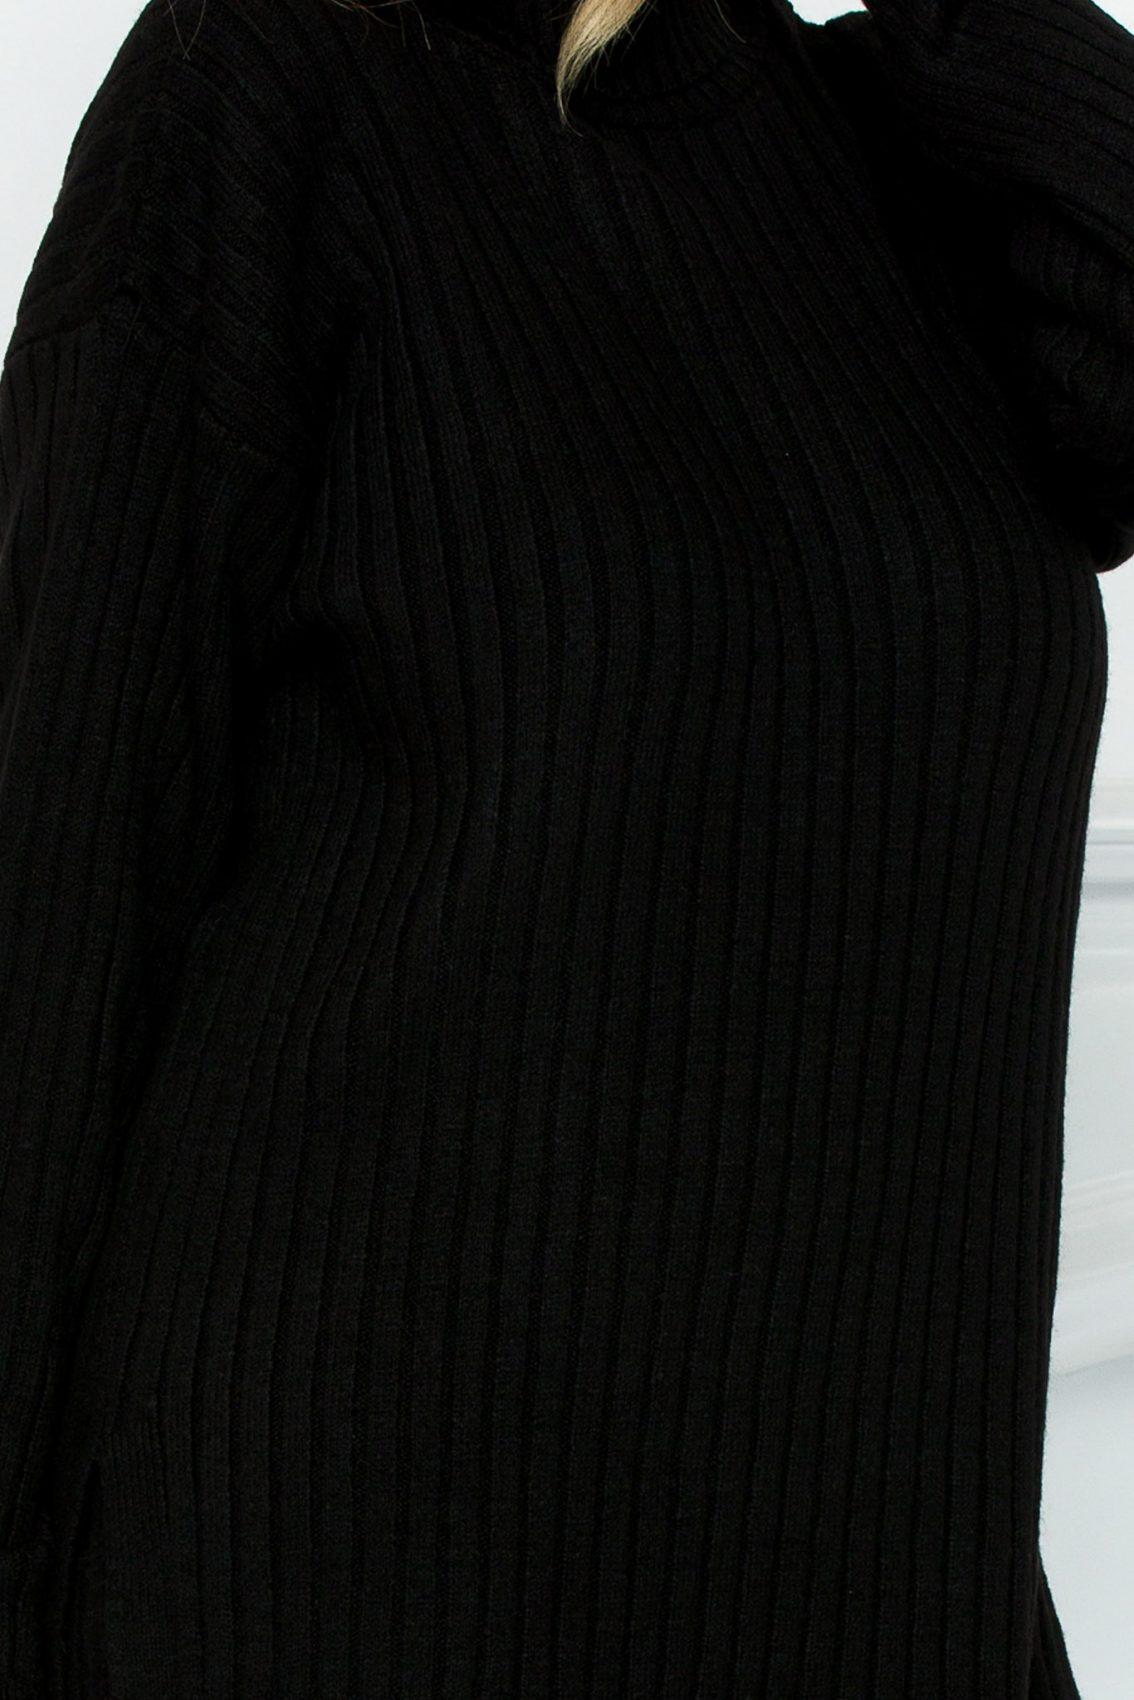 Μαύρο Πλεκτό Σετ Ronn 9267 2